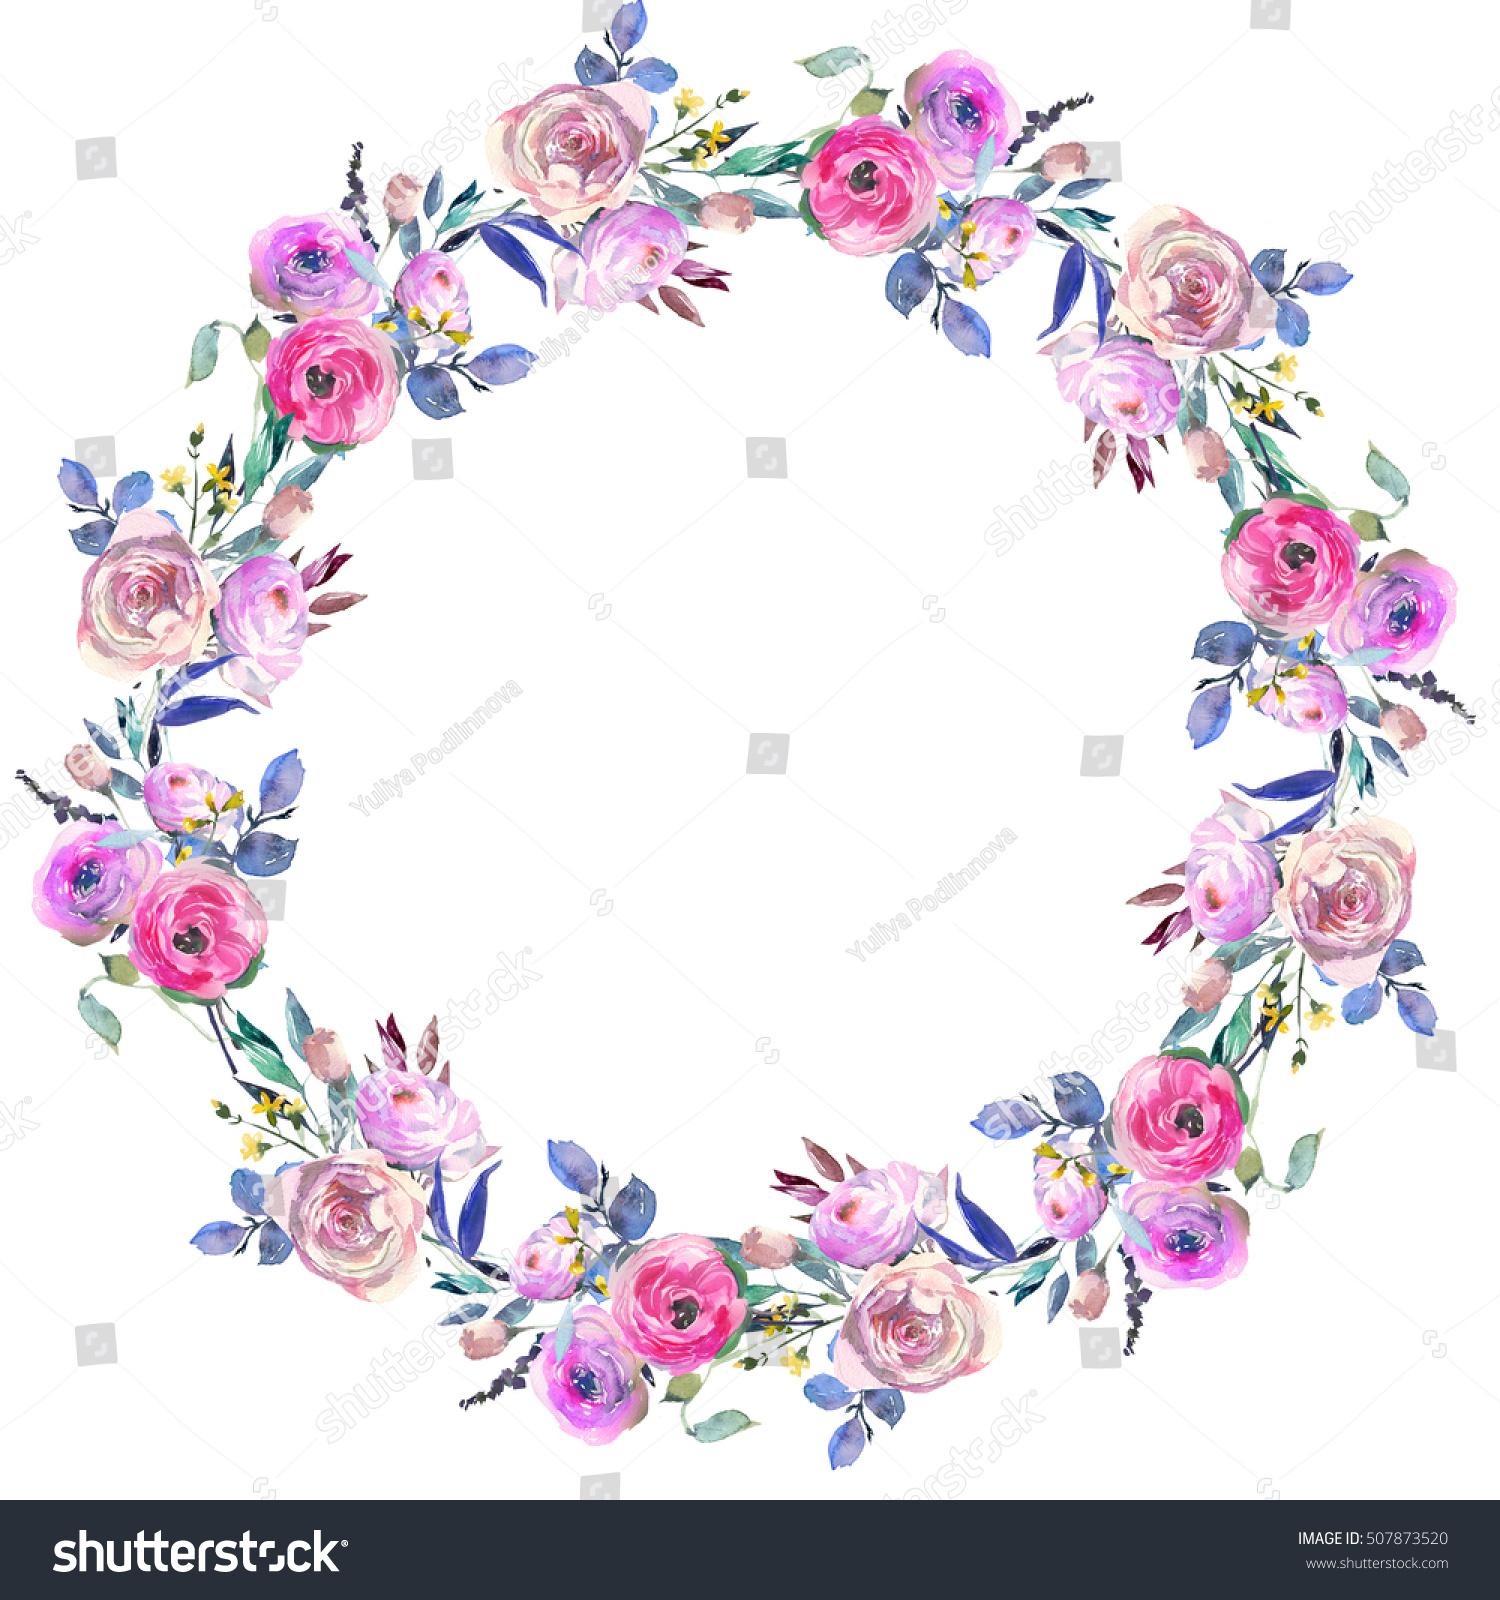 Pink blue purple watercolor flowers peonies roses ranunculus id 507873520 izmirmasajfo